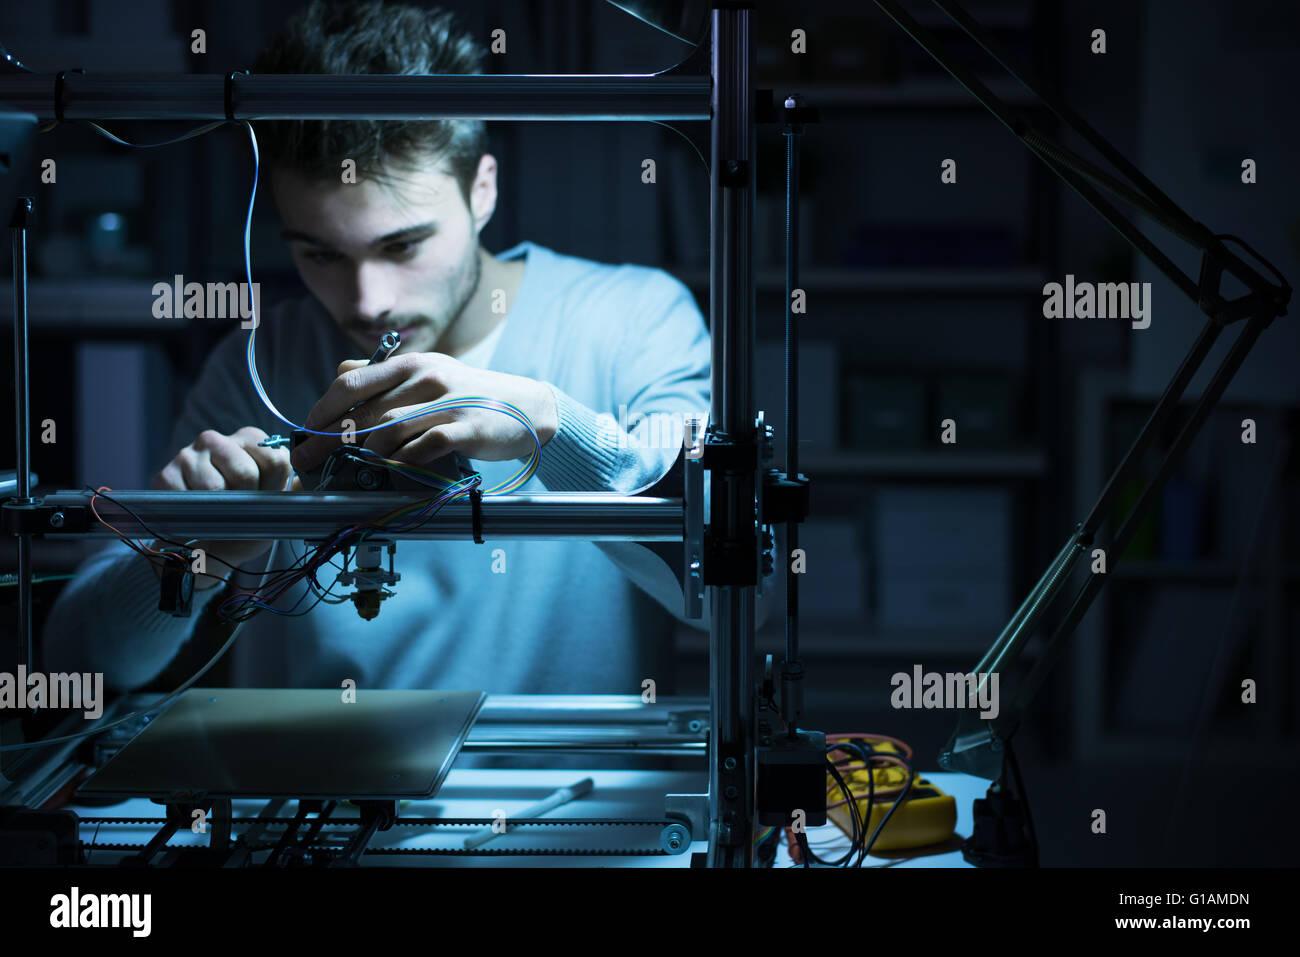 Joven ingeniero trabajando en la noche en el laboratorio, se está ajustando una impresora 3D los componentes Imagen De Stock